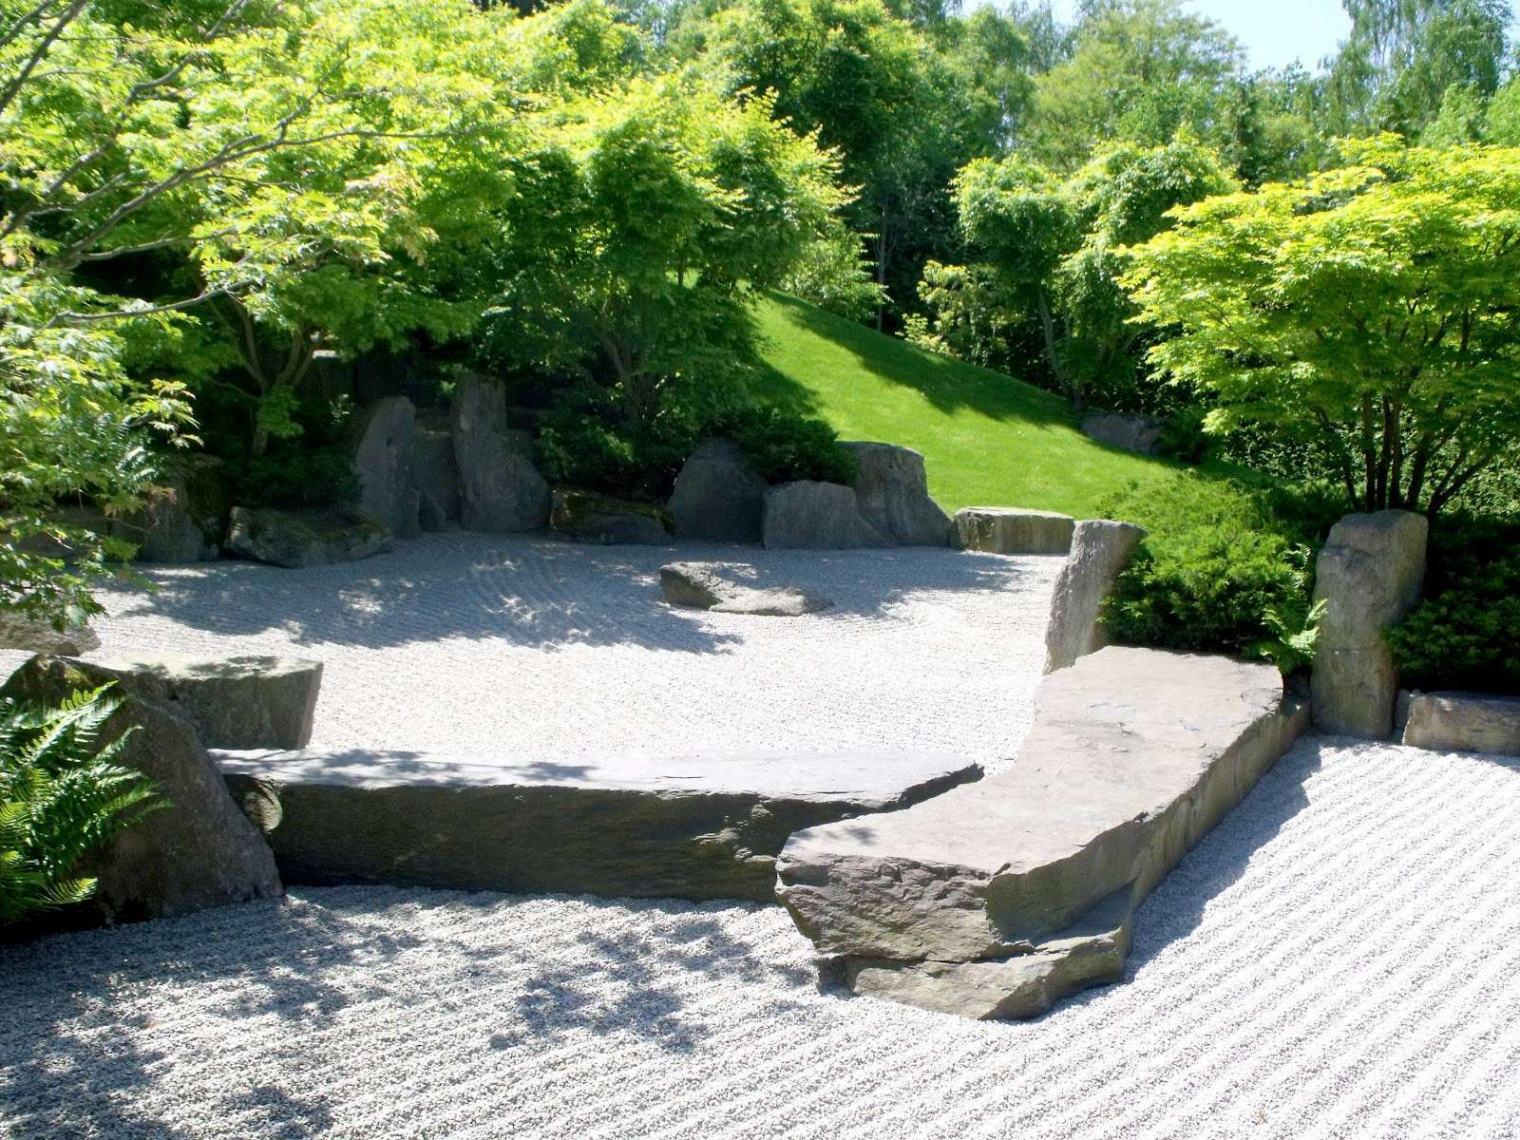 Bilder Schöne Gärten Luxus Kleine Pools Für Kleine Gärten — Temobardz Home Blog